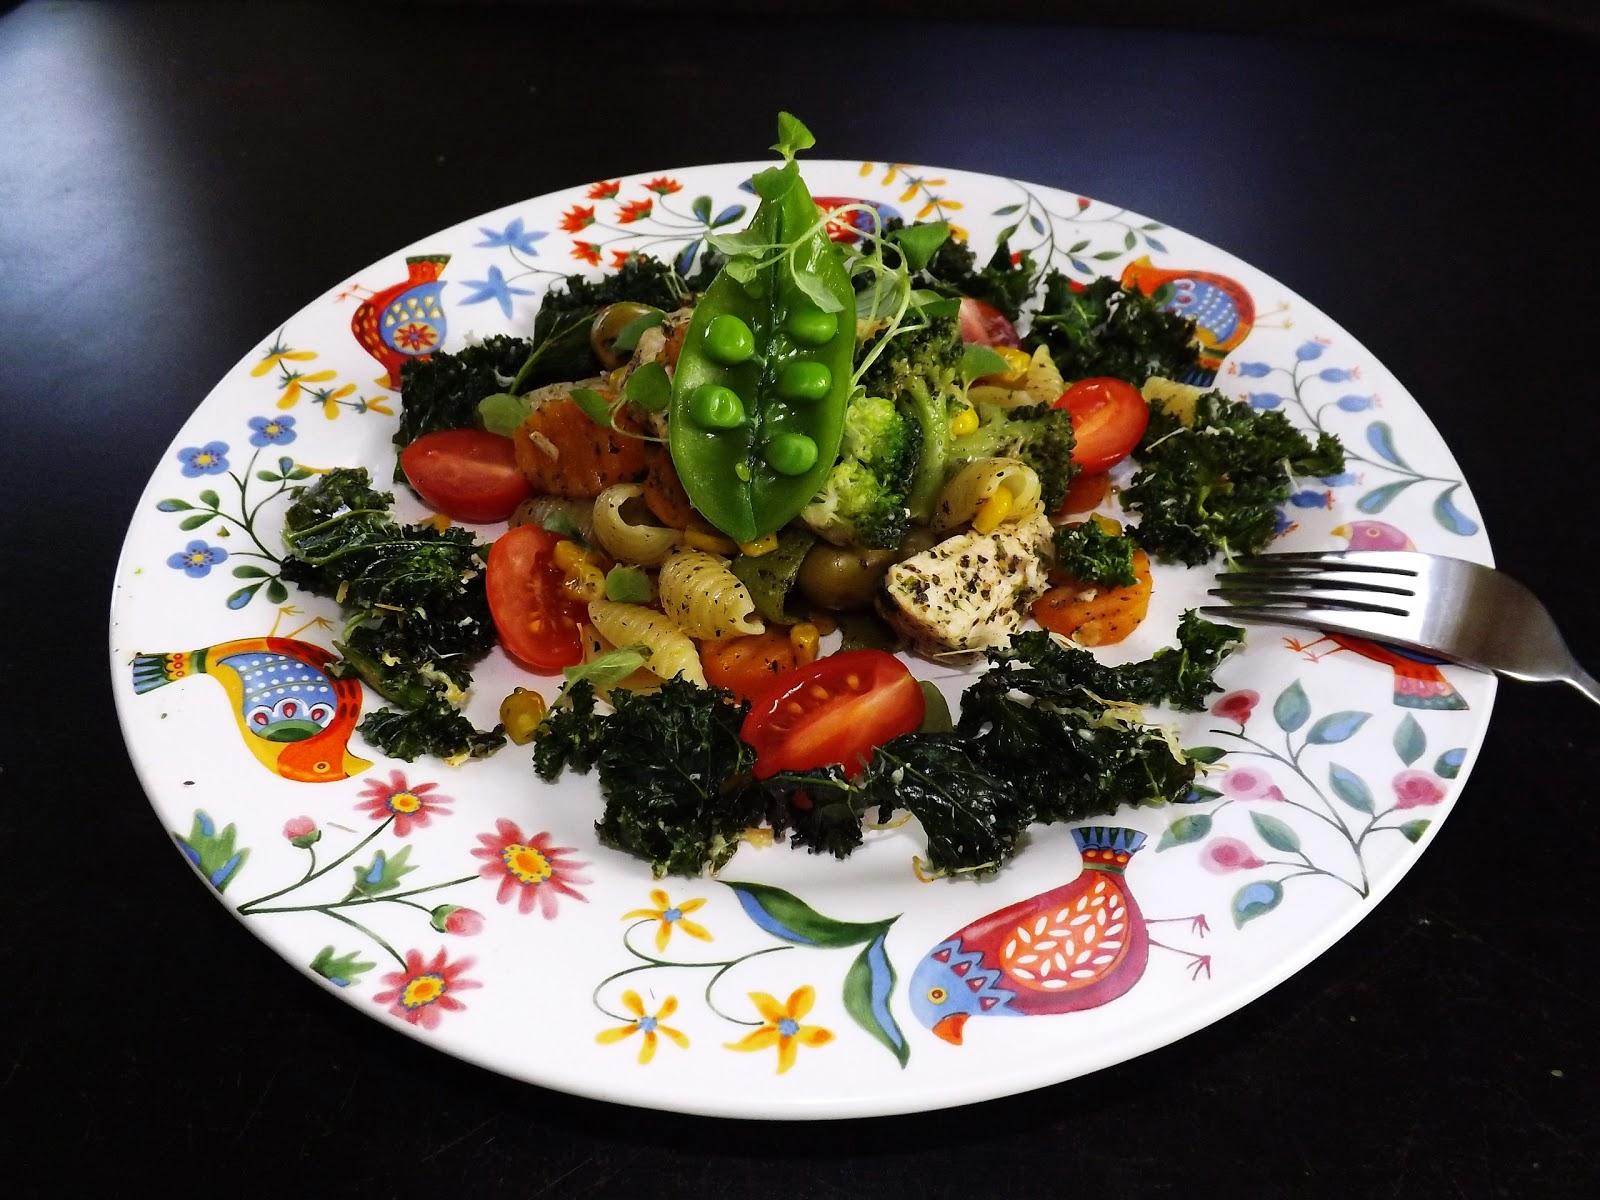 Włoski smak warzyw z kurczakiem, makaronem i chipsami z jarmużu